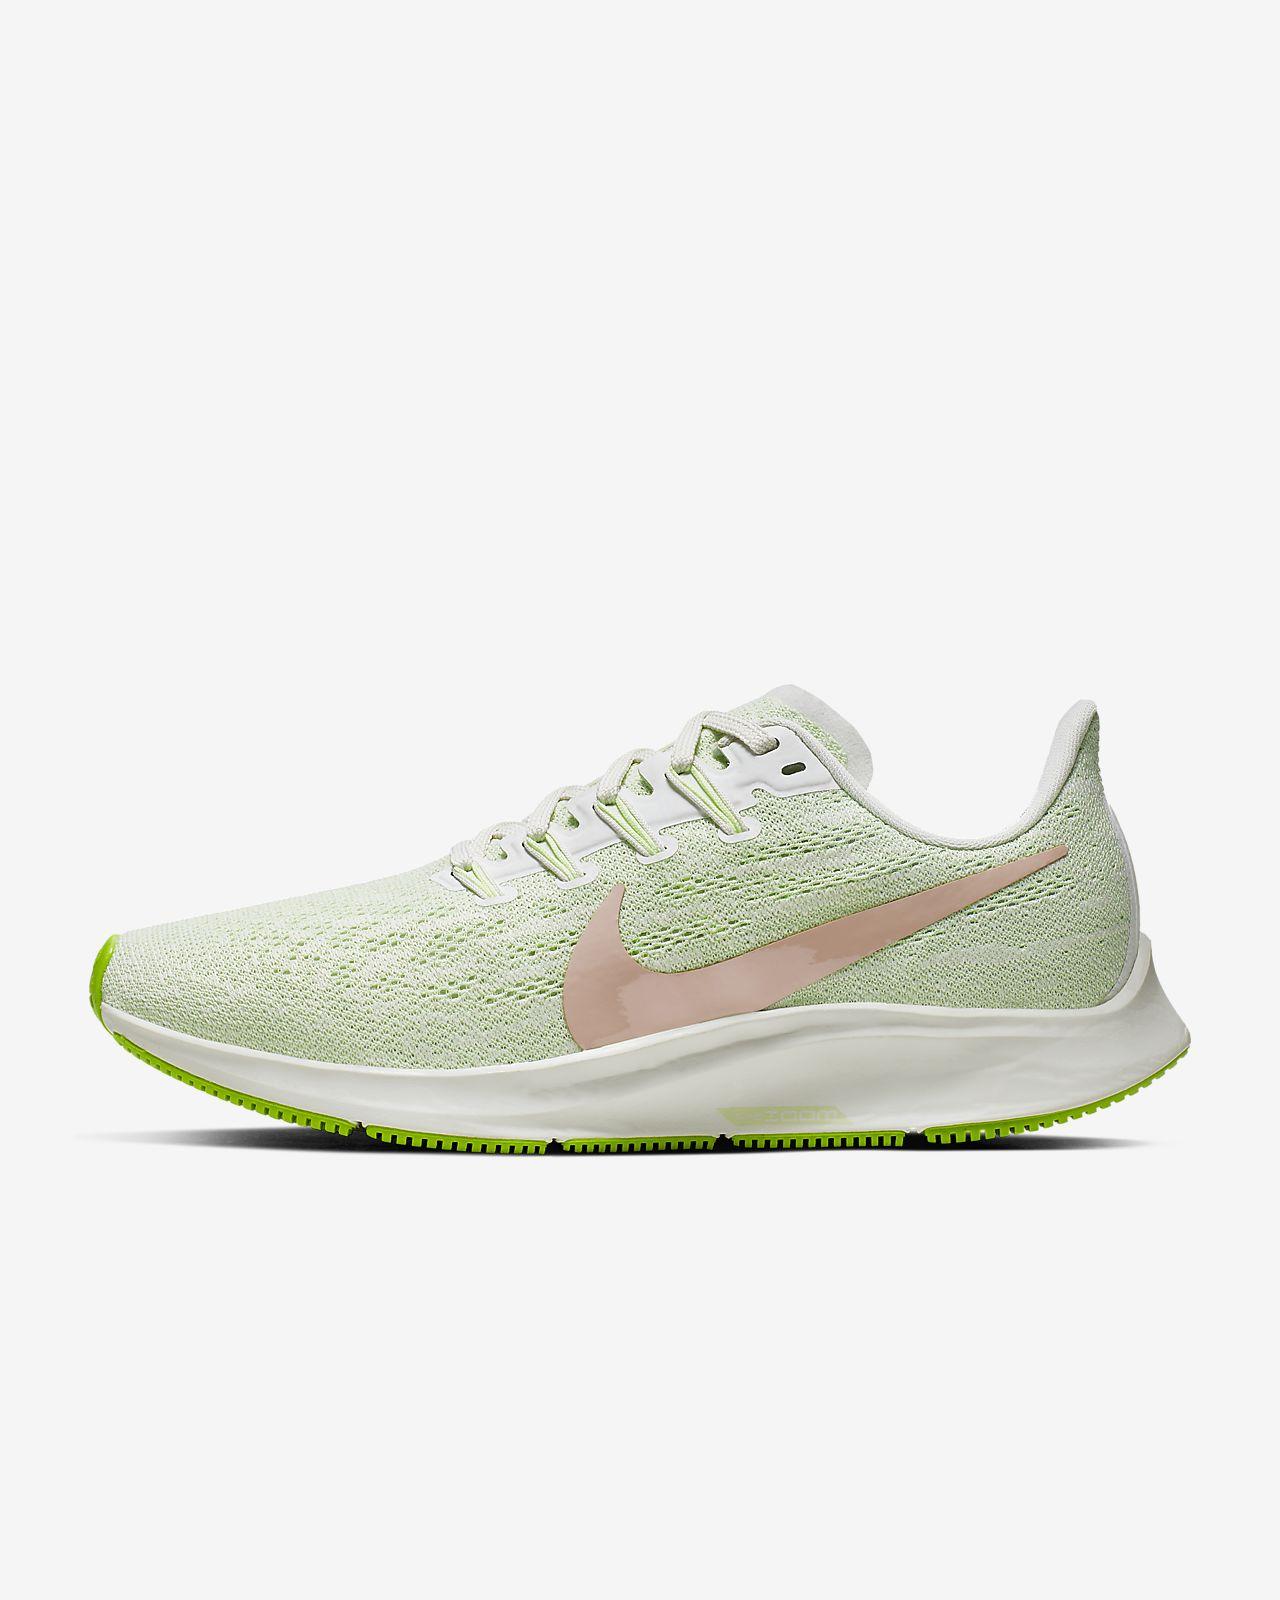 6e8922ae Женские беговые кроссовки Nike Air Zoom Pegasus 36. Nike.com RU